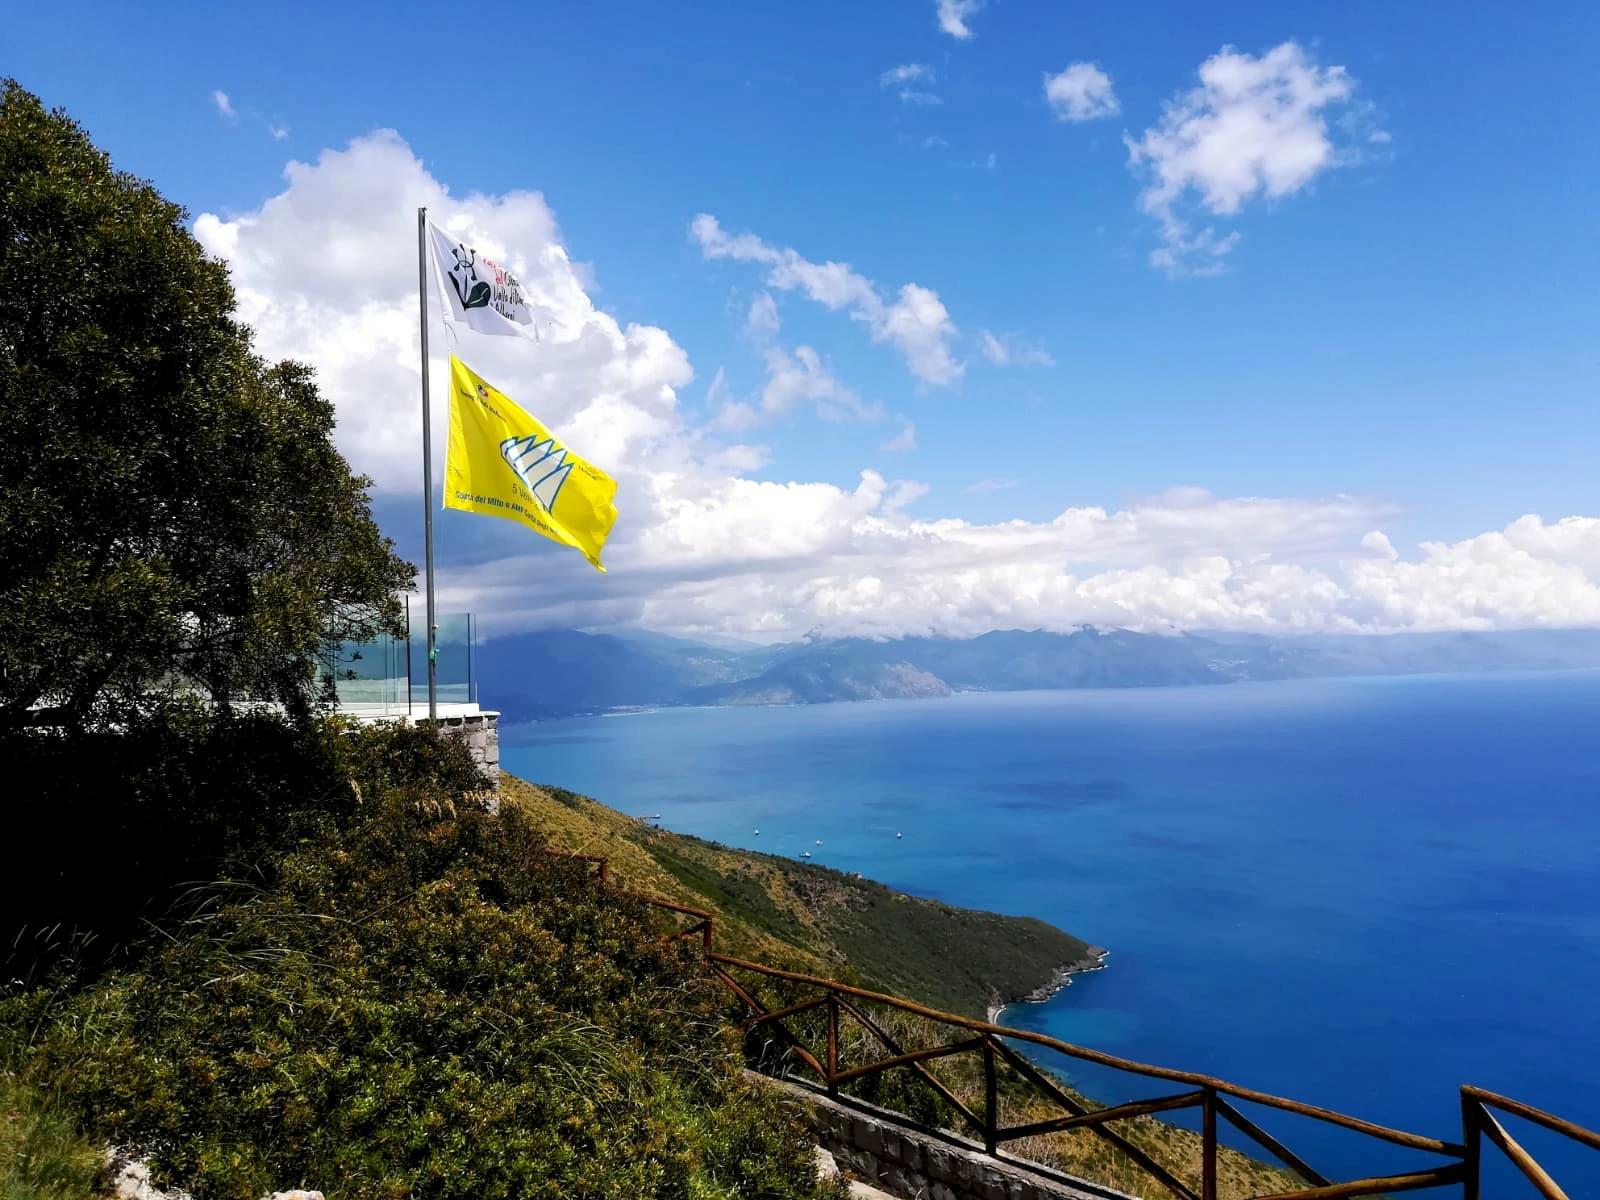 Confermate le 5 Vele di Legambiente per il Comune di San Giovanni a Piro, prezioso riconoscimento per il mare piu' bello